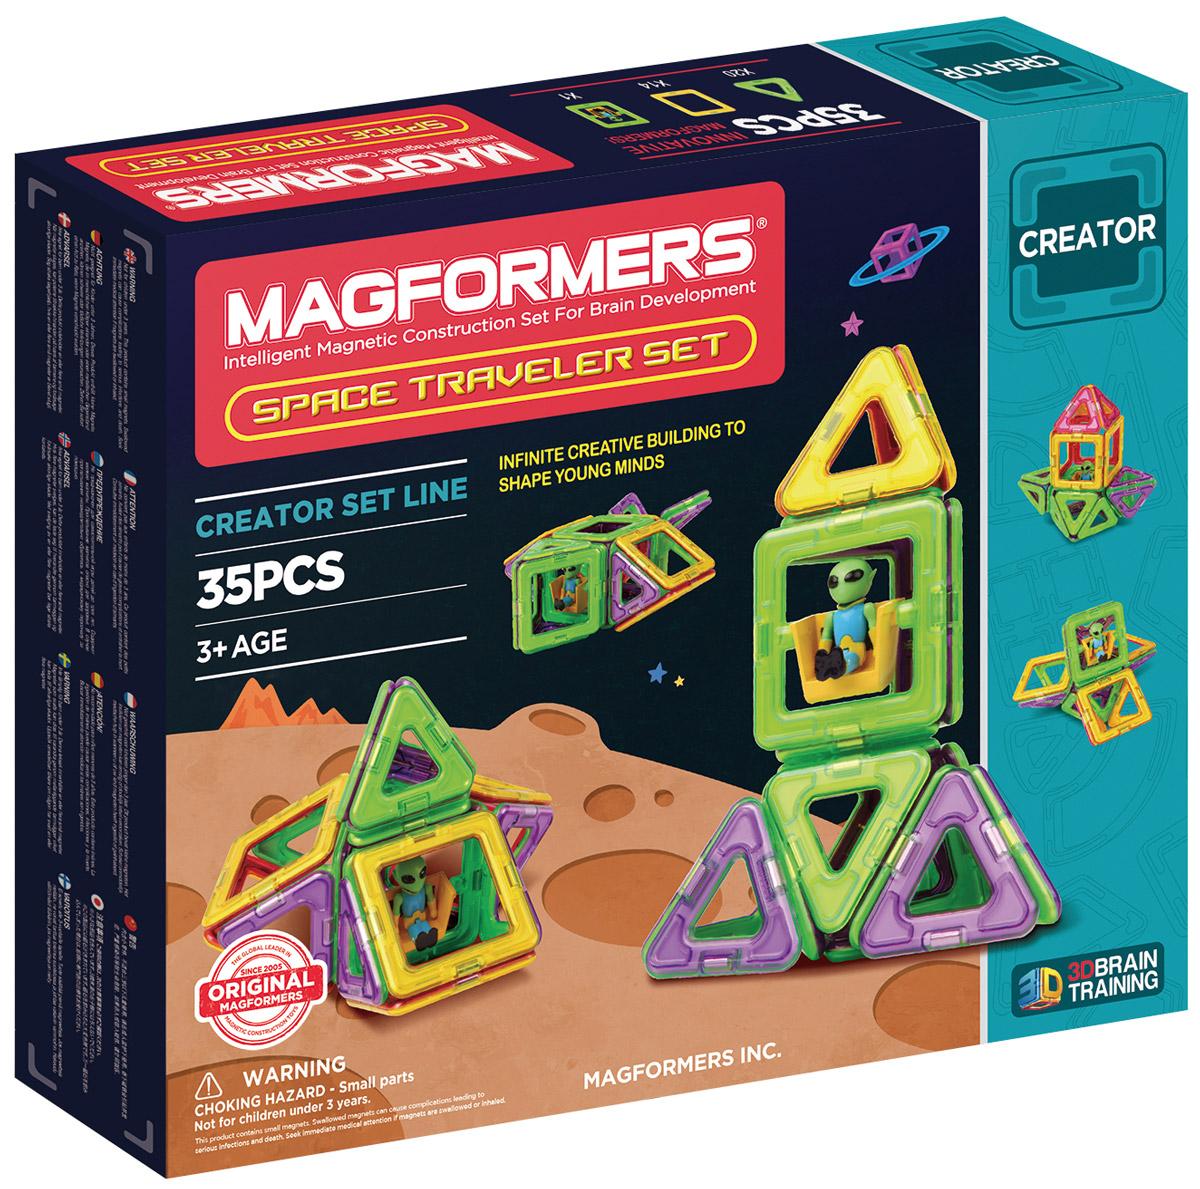 Magformers Магнитный конструктор Space Traveler Set703007Новый набор Magformers Space Traveler посвящен приключениям забавного инопланетянина с планеты Кубоктаэдр. Он путешествует по таинственной галактике Магформерс, где все объекты — геометрические тела, состоящие из квадратов и треугольников. Помогите ему раскрыть все тайны загадочной галактики! Из ярких квадратов и треугaольников необходимо собрать межпланетный транспорт для зеленого человечка. Это может быть космический шаттл, летающая тарелка или ракета. Вы можете подобрать для них форму по своему желанию. Прибыв на планету, изучите вместе с инопланетянином особенности каждой из них. Они имеют различные геометрические формы: куб, октаэдр или тетраэдр. Вы сможете узнать особенности каждой сложной фигуры и из каких простых фигур она состоит. Space Traveler - один из самых увлекательных конструкторов Магформерс. Особенностью набора является фигурка инопланетянина, ранее не встречавшаяся ни в одном другом наборе. В комплект входит иллюстрированное пособие, в...